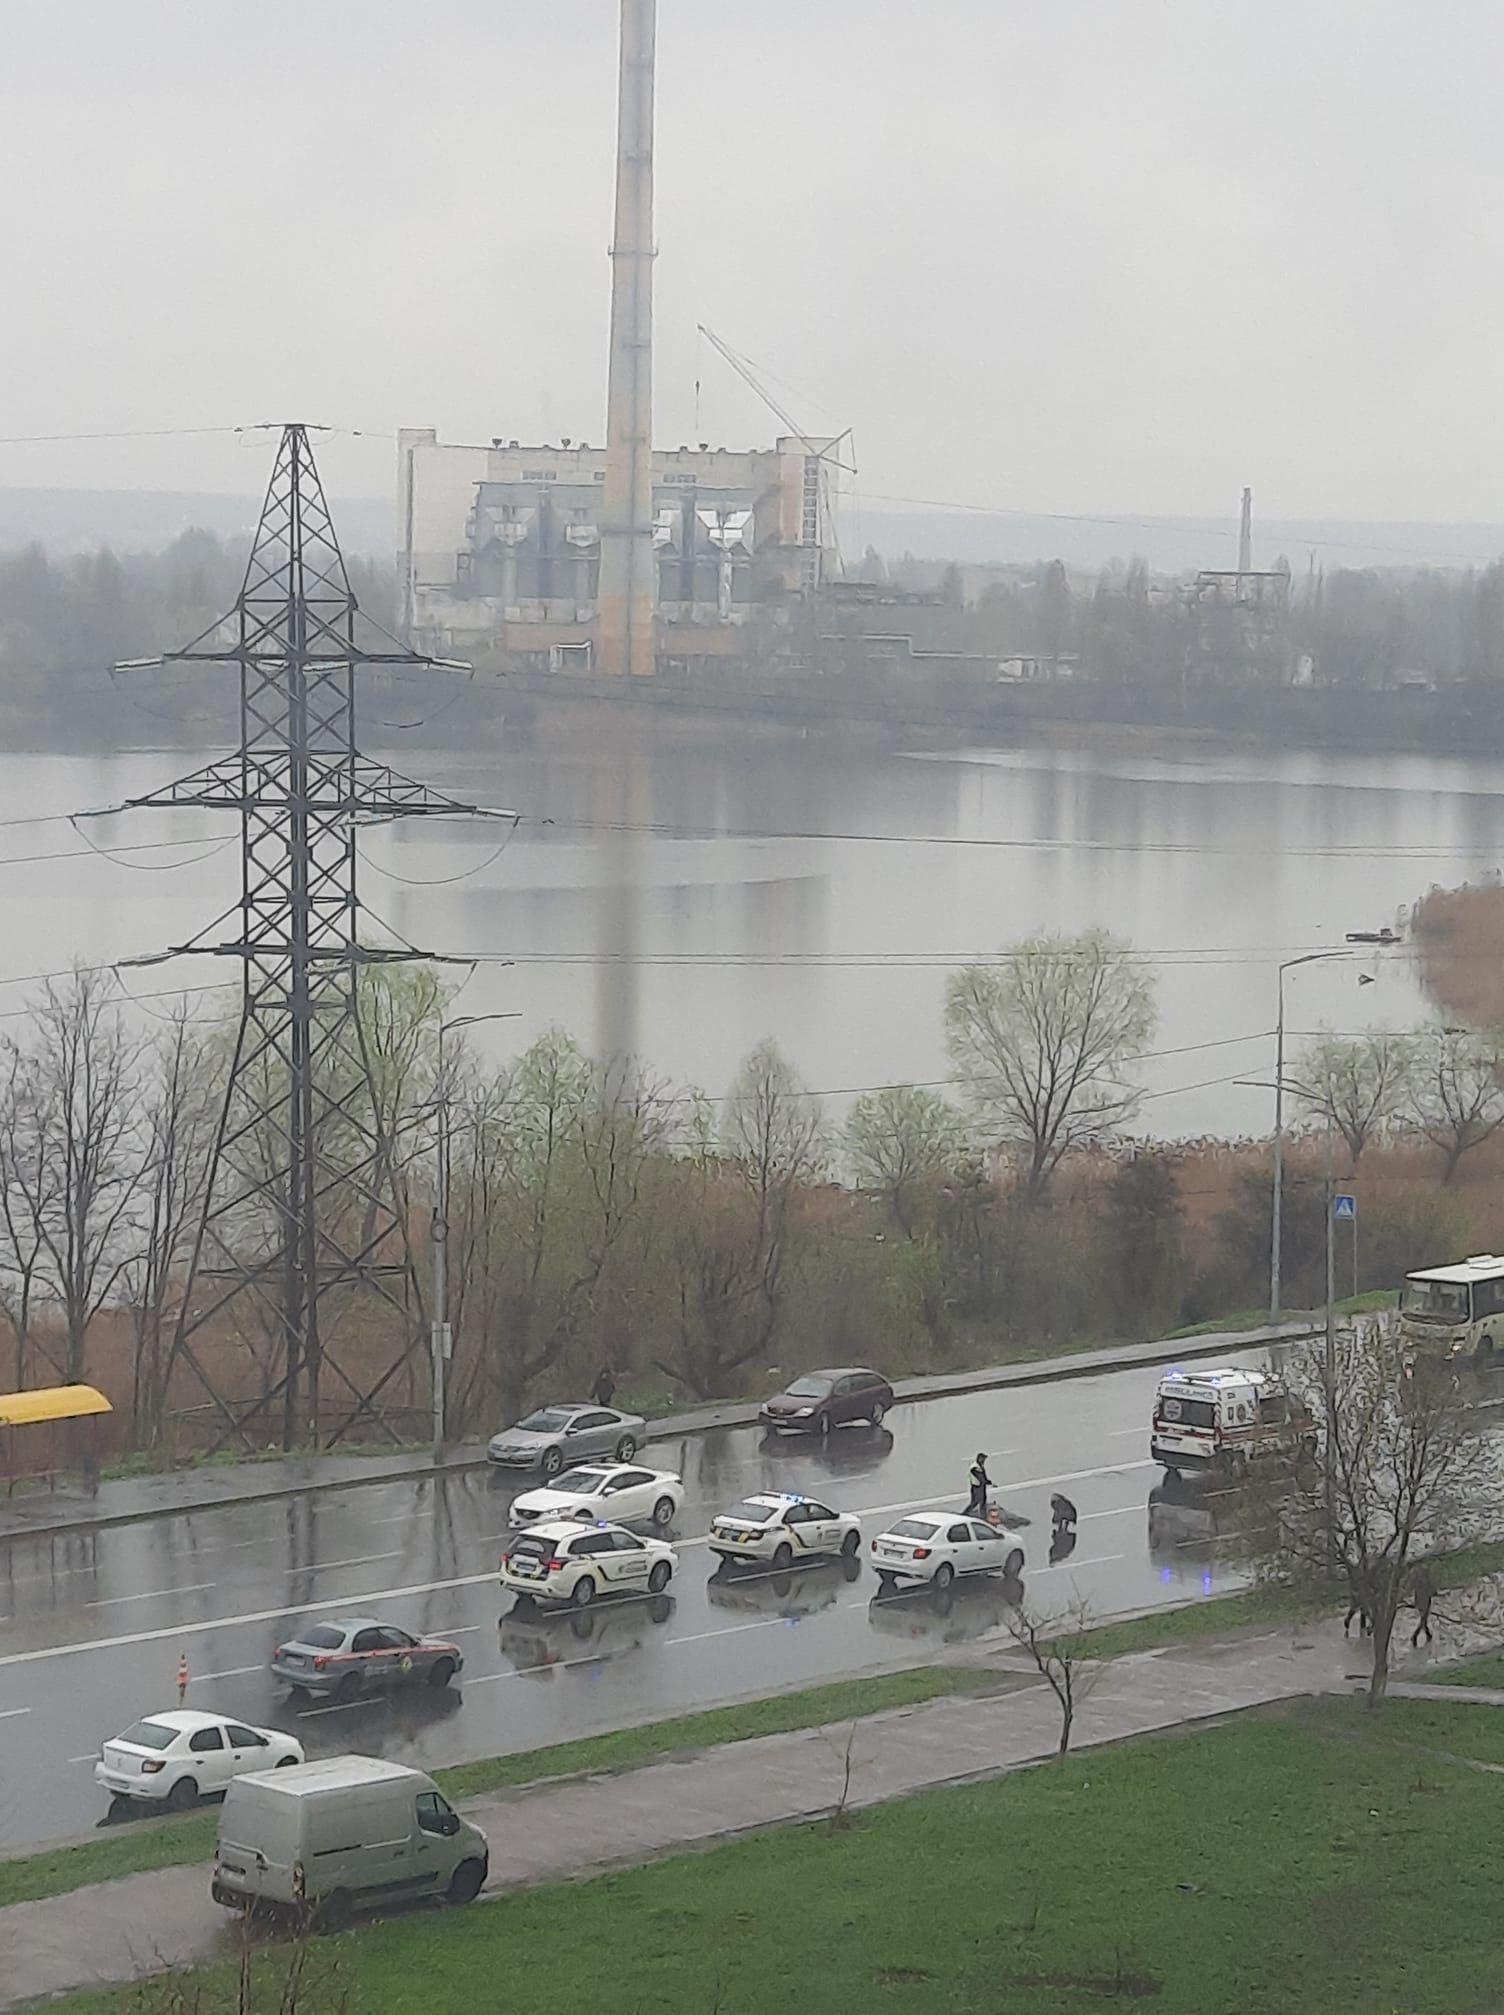 У Києві маршрутний автобус збив-жінку пішохода, яка перебігала дорогу